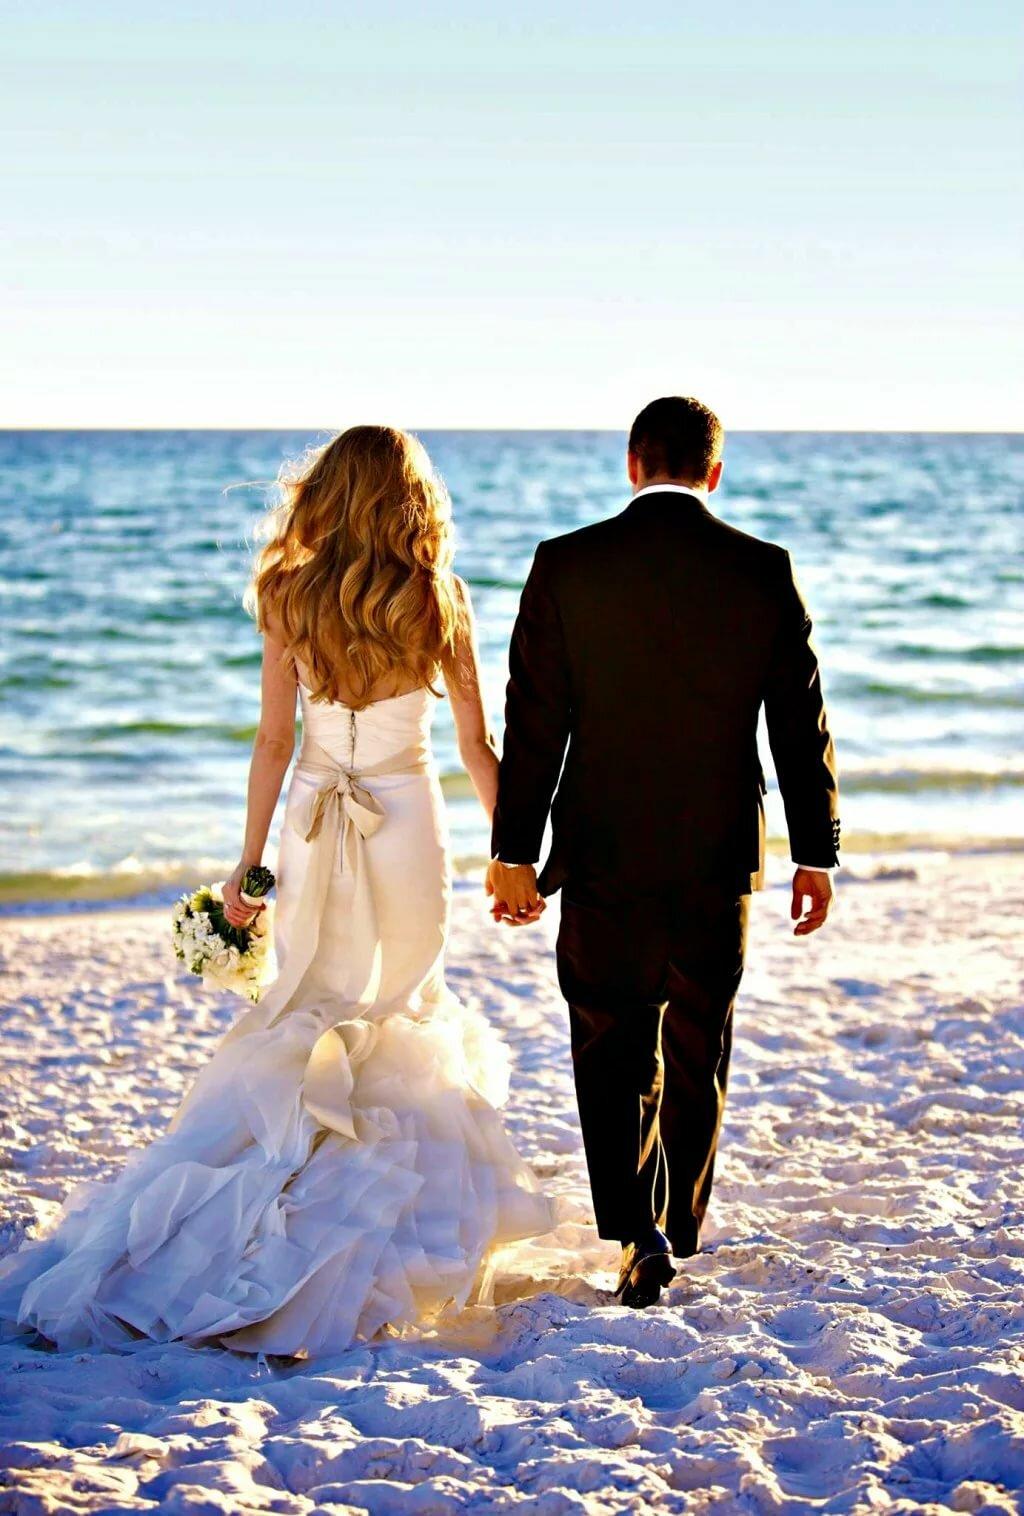 Выходных, картинки любви и свадьбы